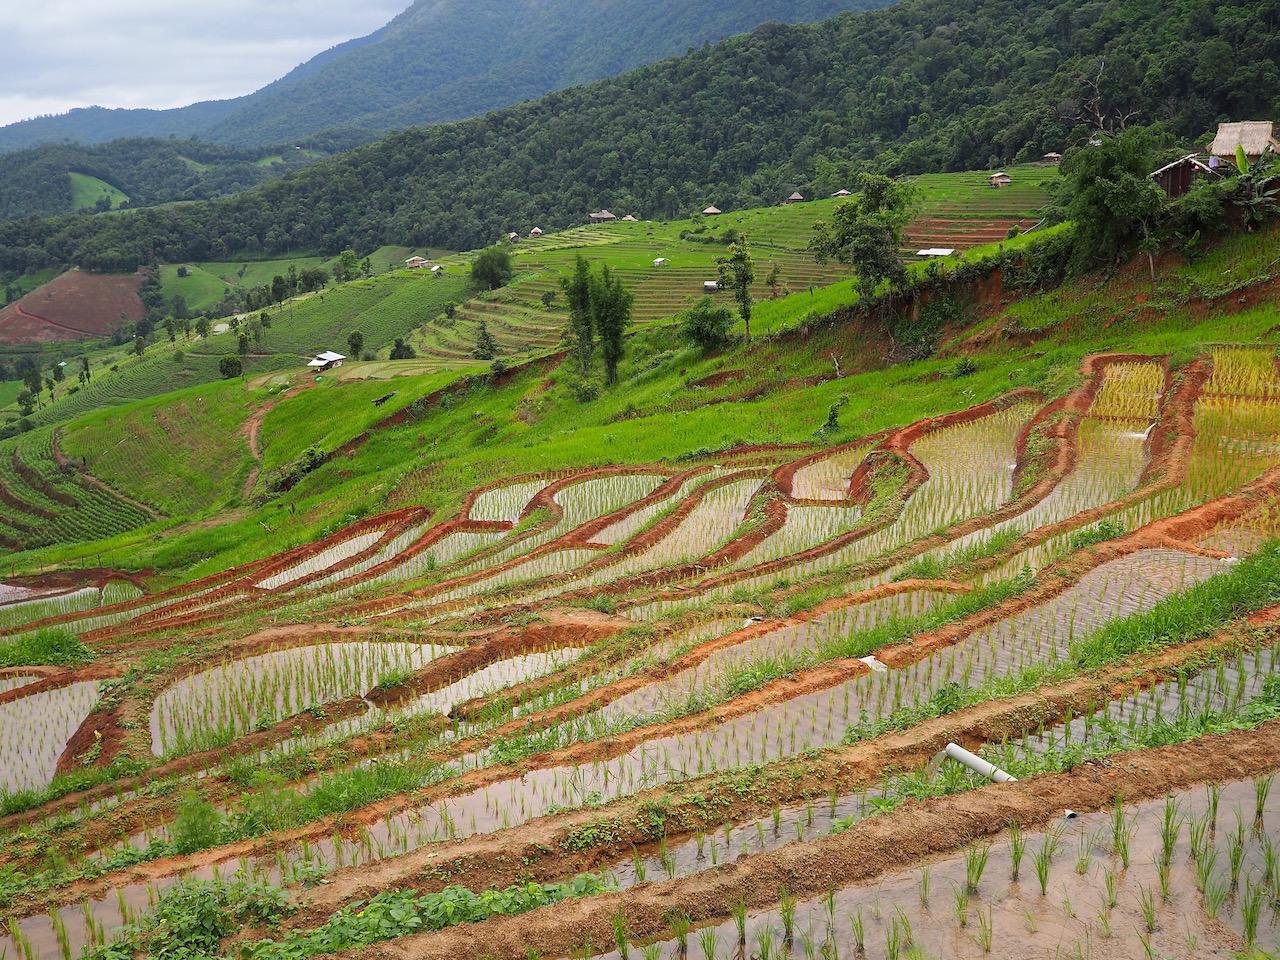 Une nuit dans les rizières de Ban Pa Pong Pieng dans la province de Chiang Mai : balade dans les rizières